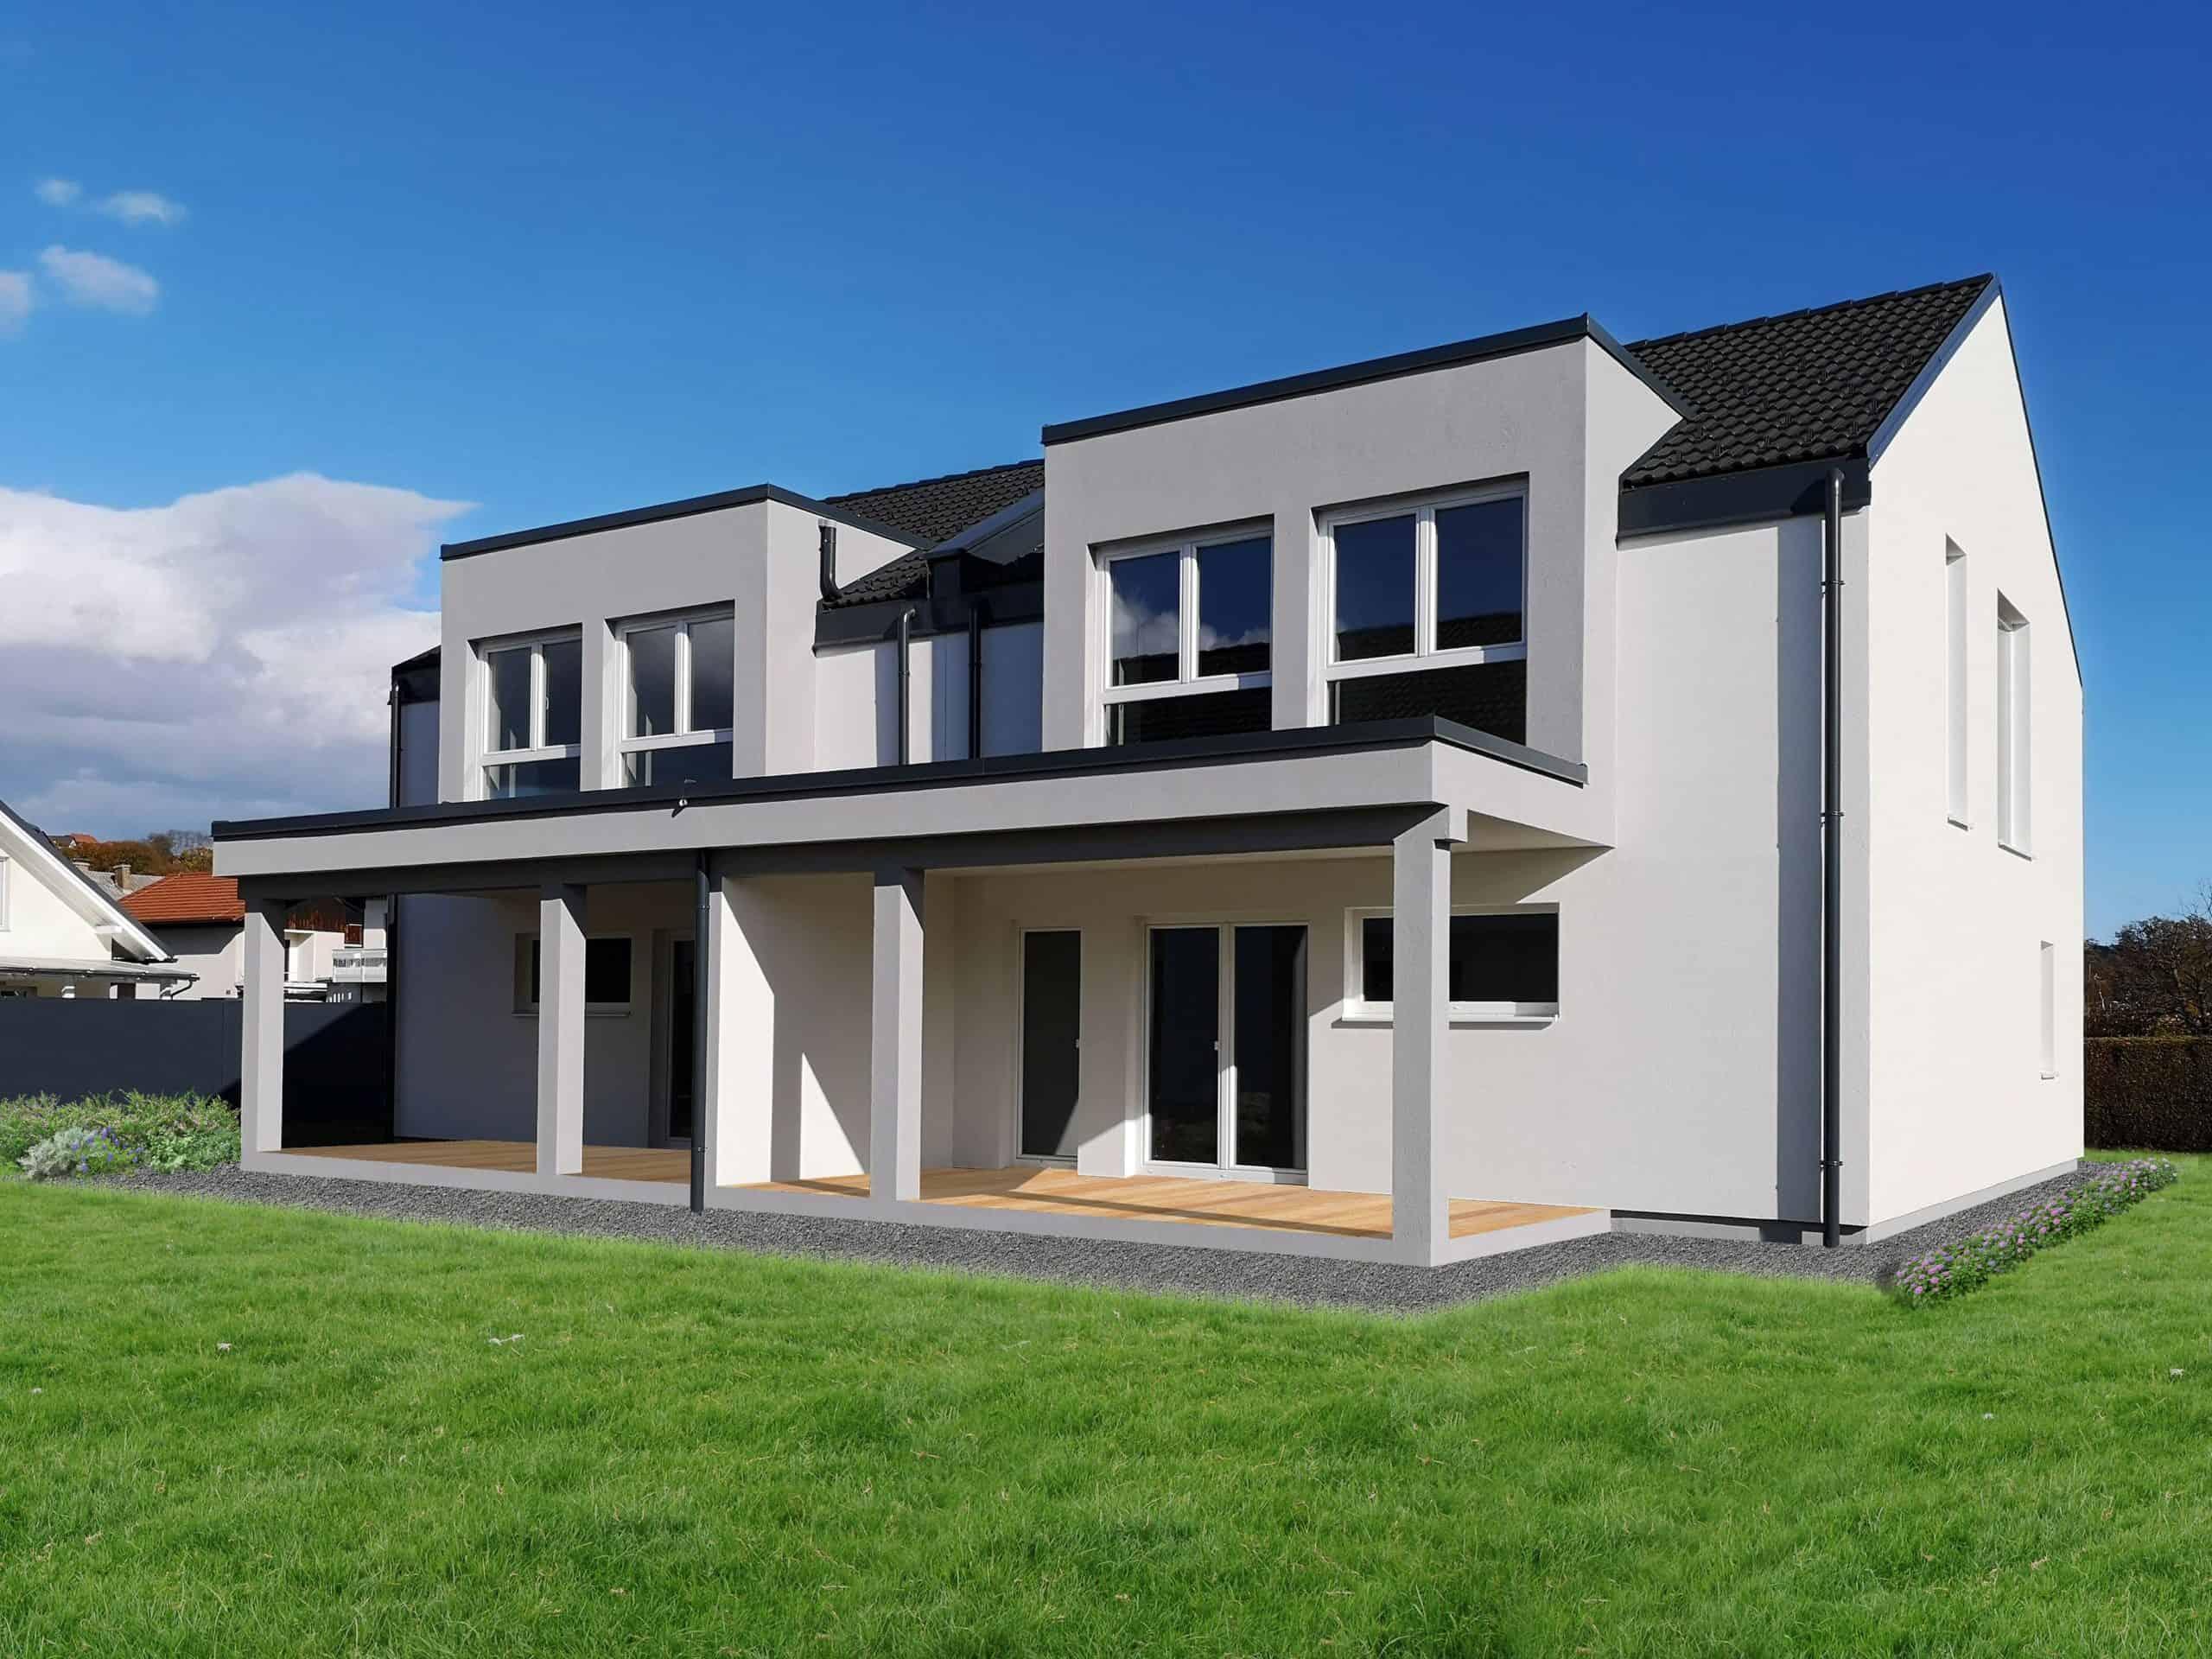 Fertighaus Doppelhaus Flex 122